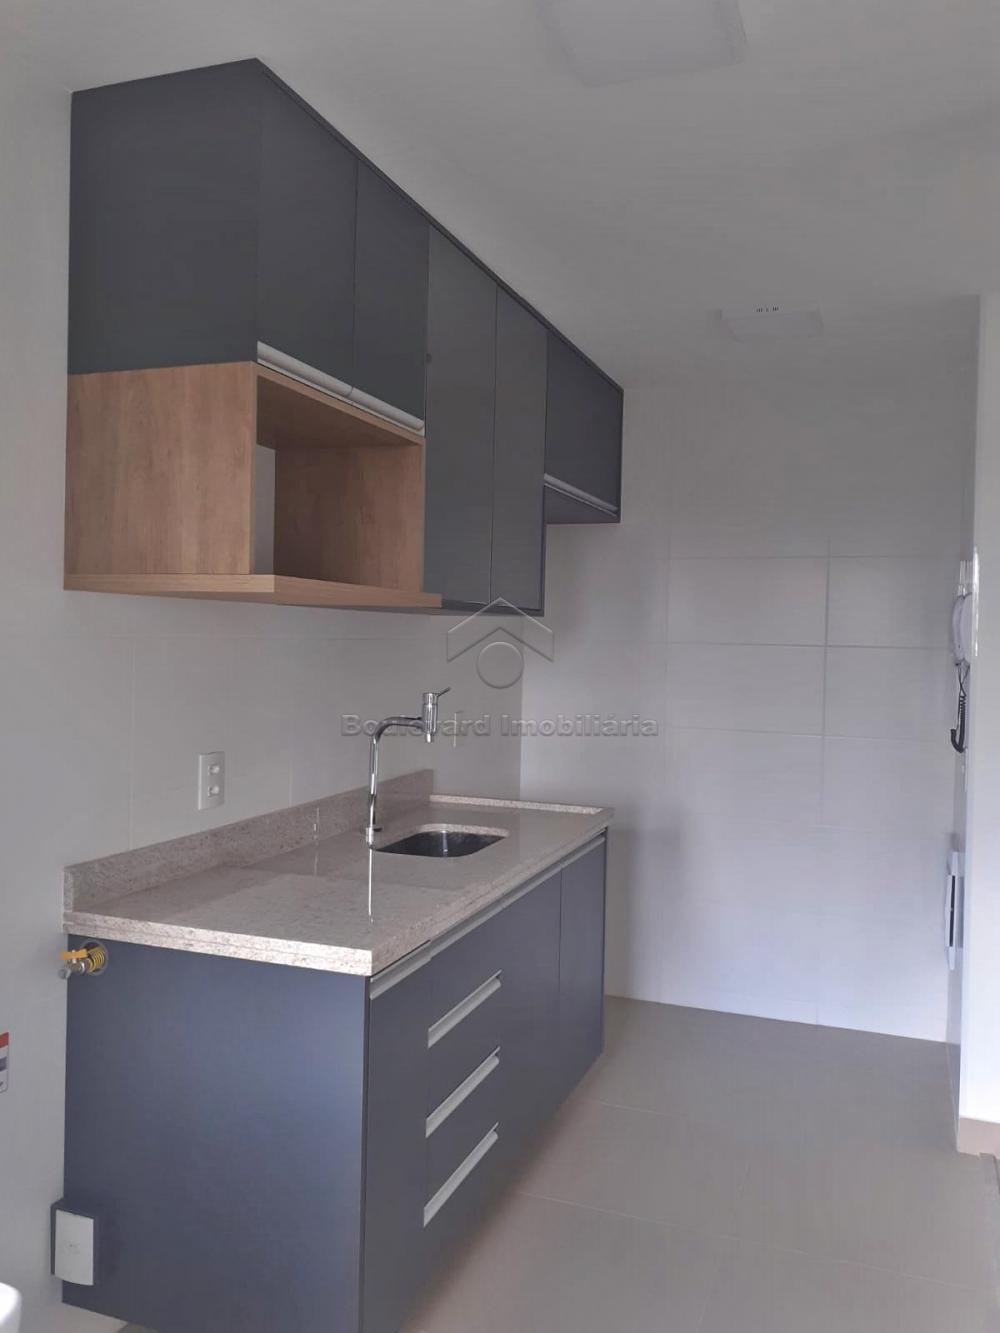 Comprar Apartamento / Padrão em Ribeirão Preto R$ 725.000,00 - Foto 27